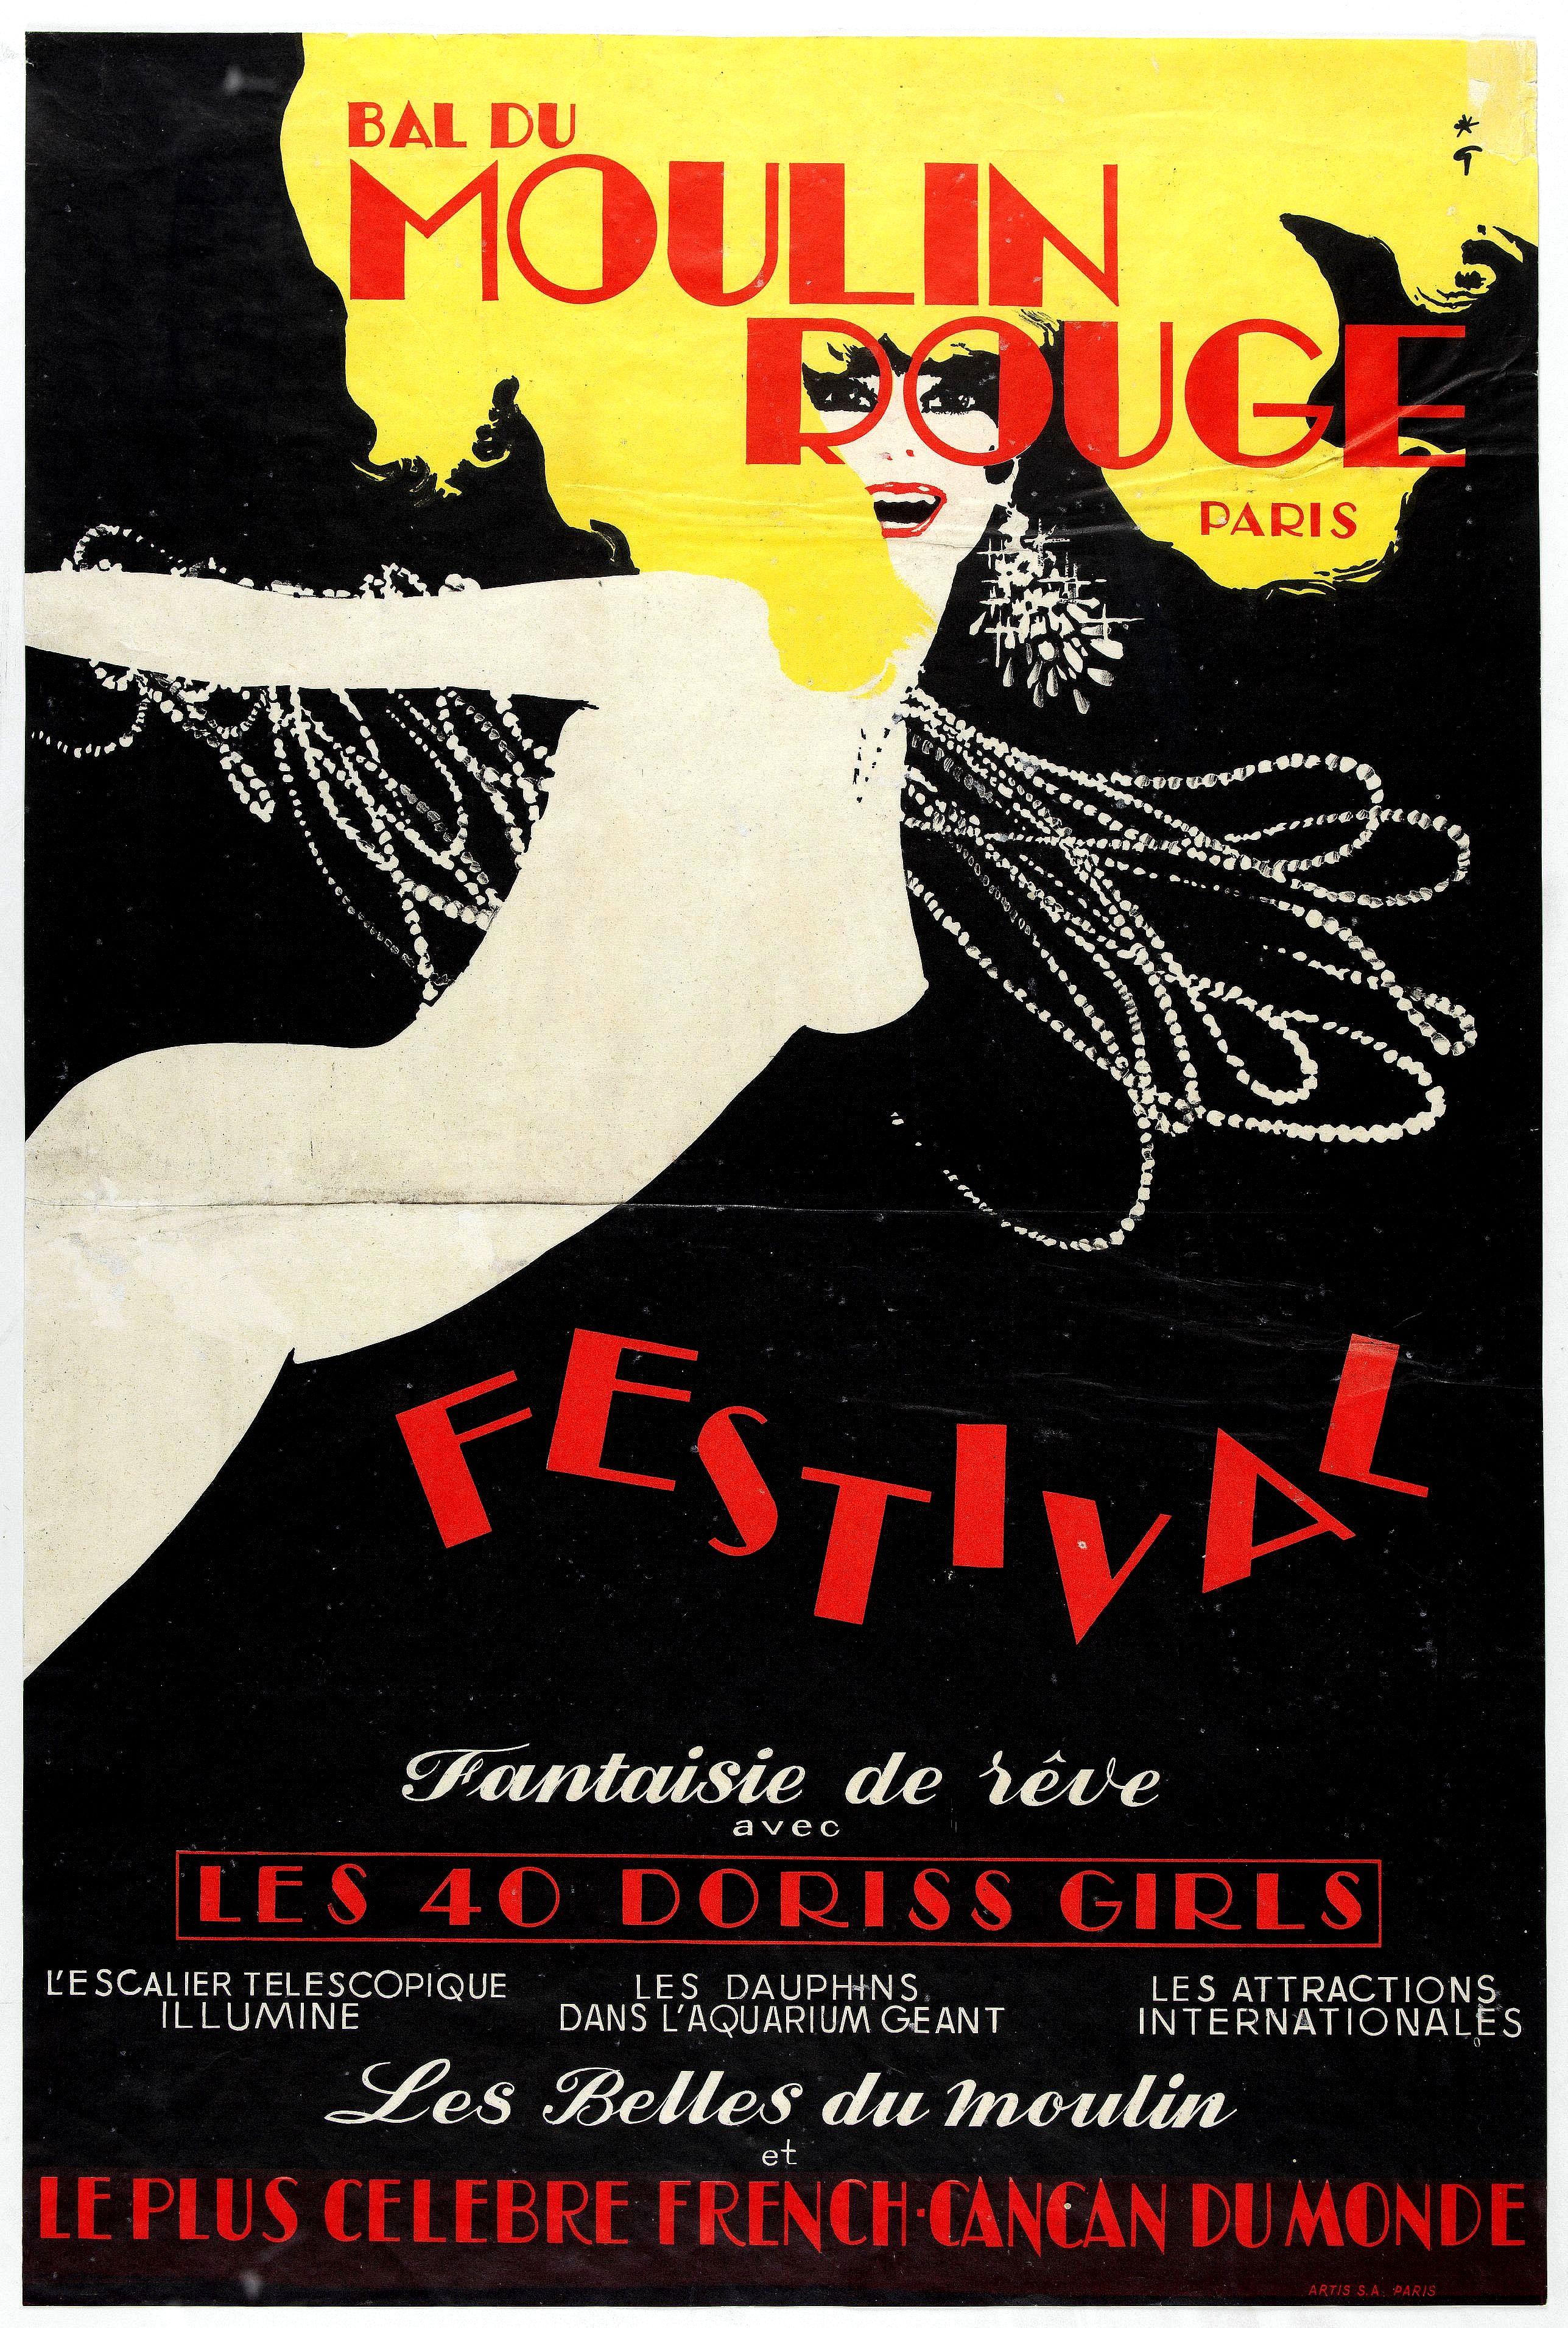 GRUAU, R. -  Bal du Moulin Rouge Paris - Femmes Femmes Femmes.